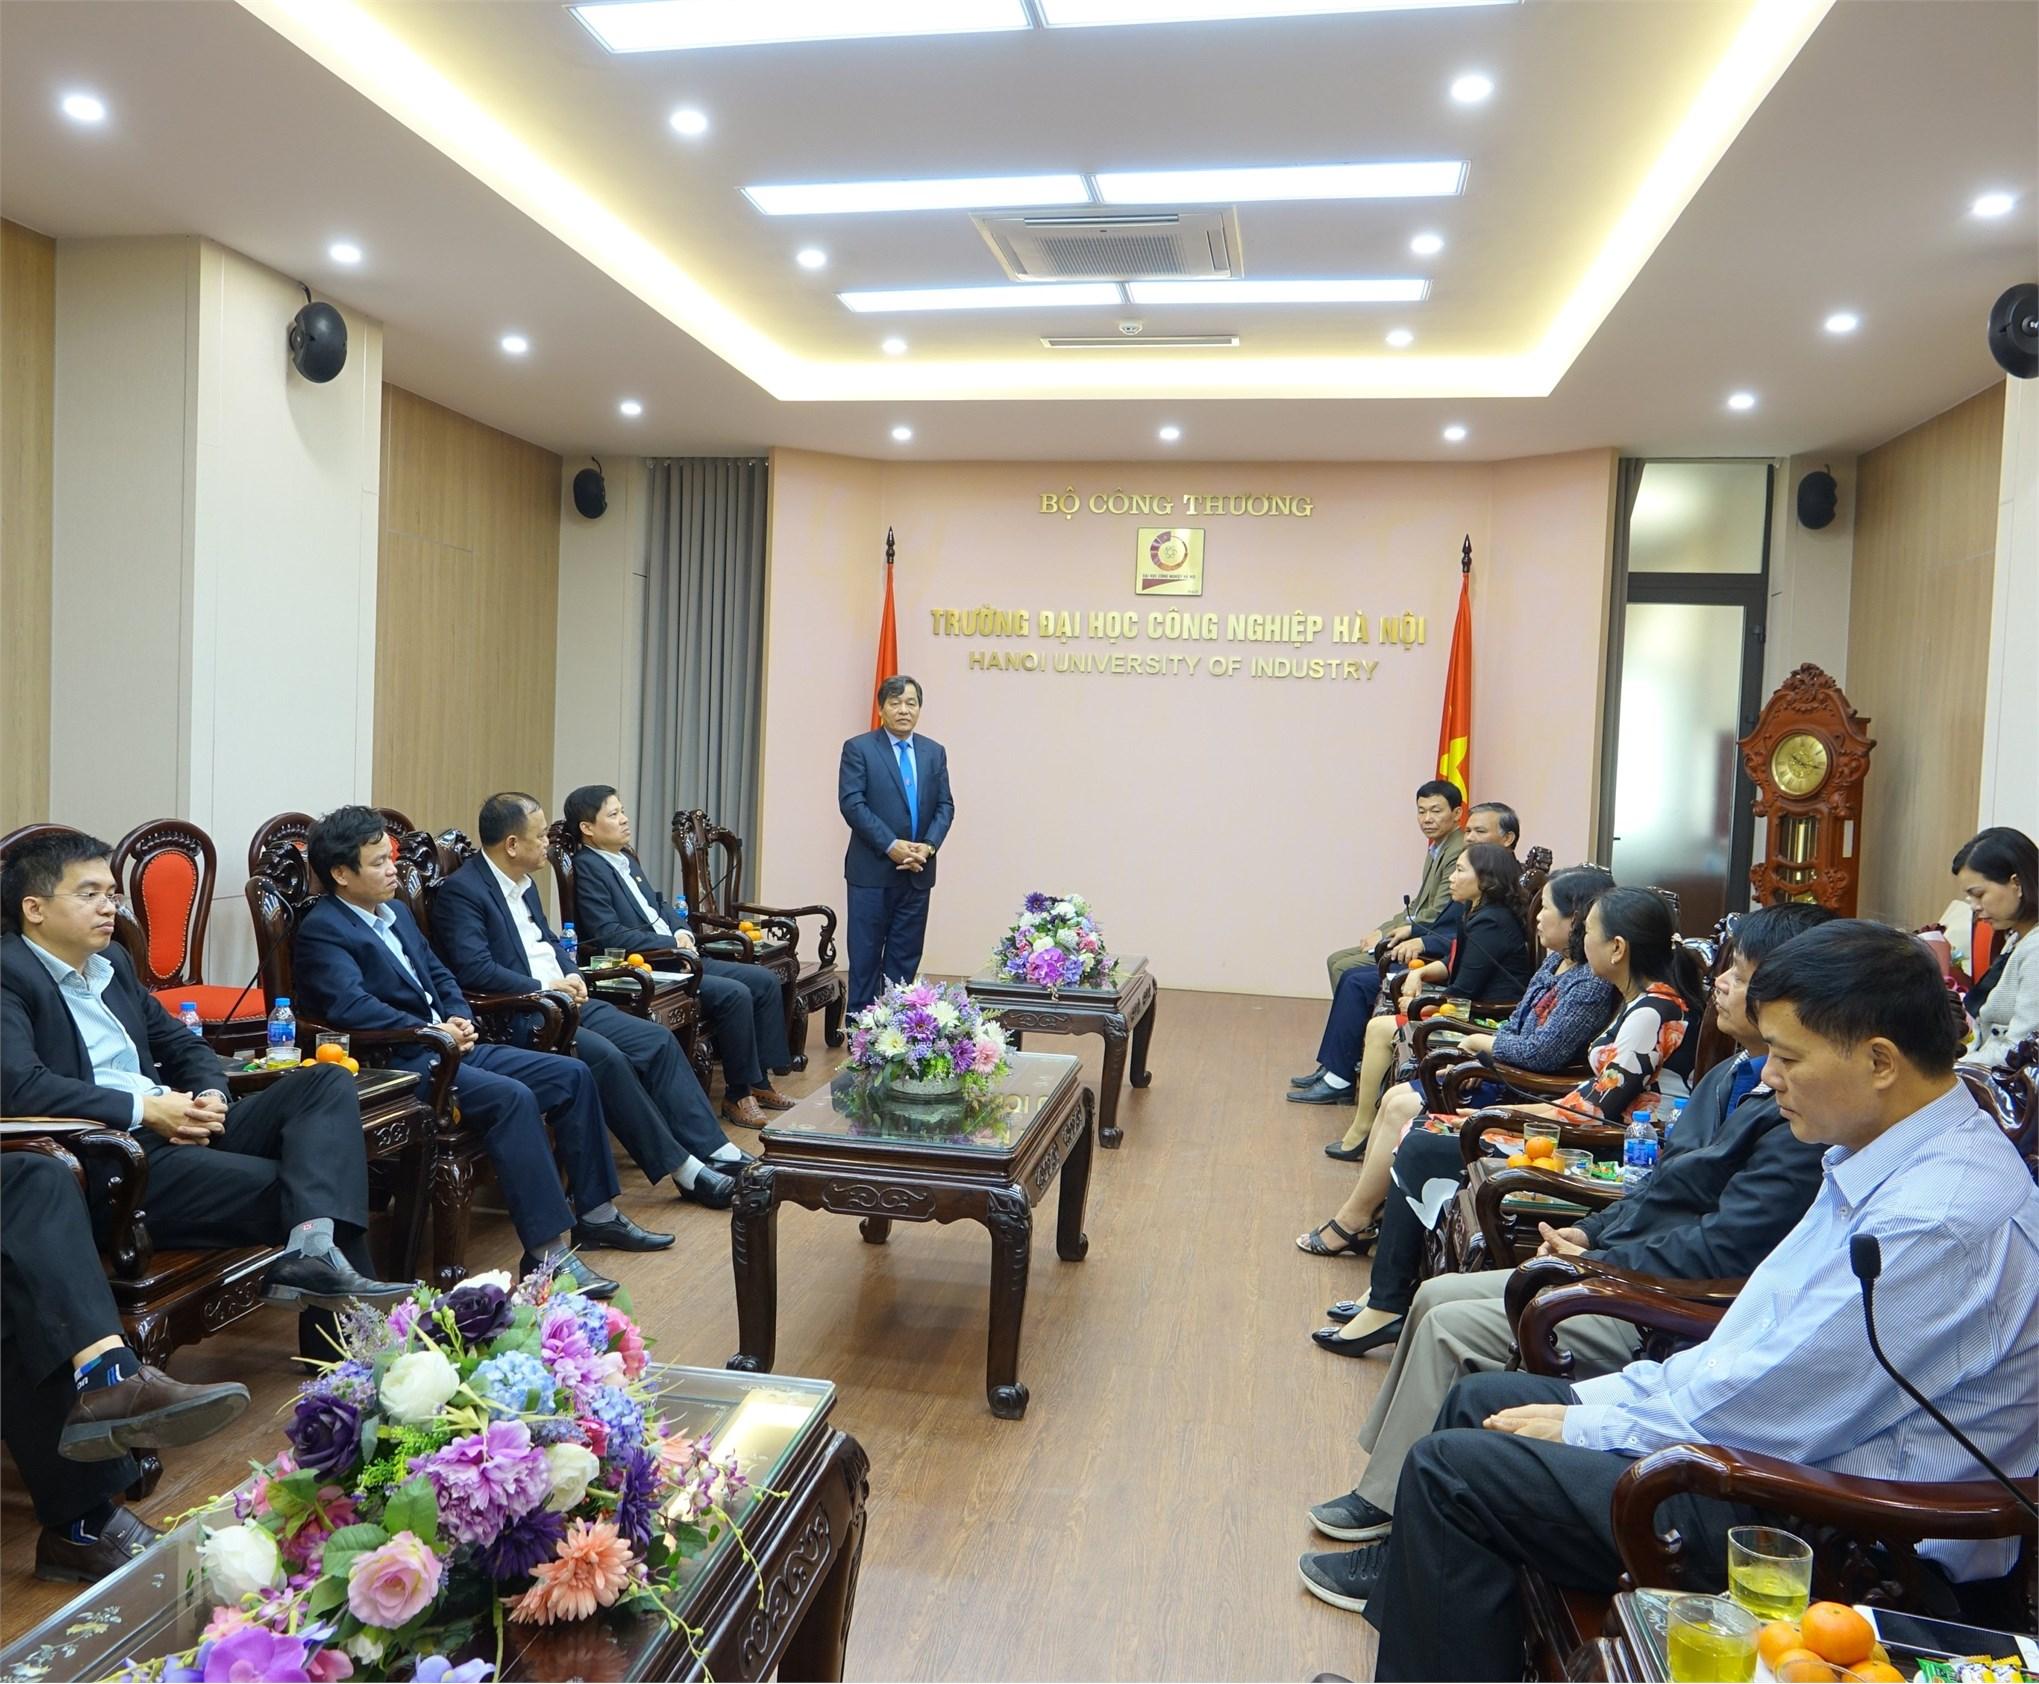 PGS.TS Trần Đức Quý – Bí thư Đảng ủy, Hiệu trưởng nhà trường phát biểu tại buổi gặp mặt